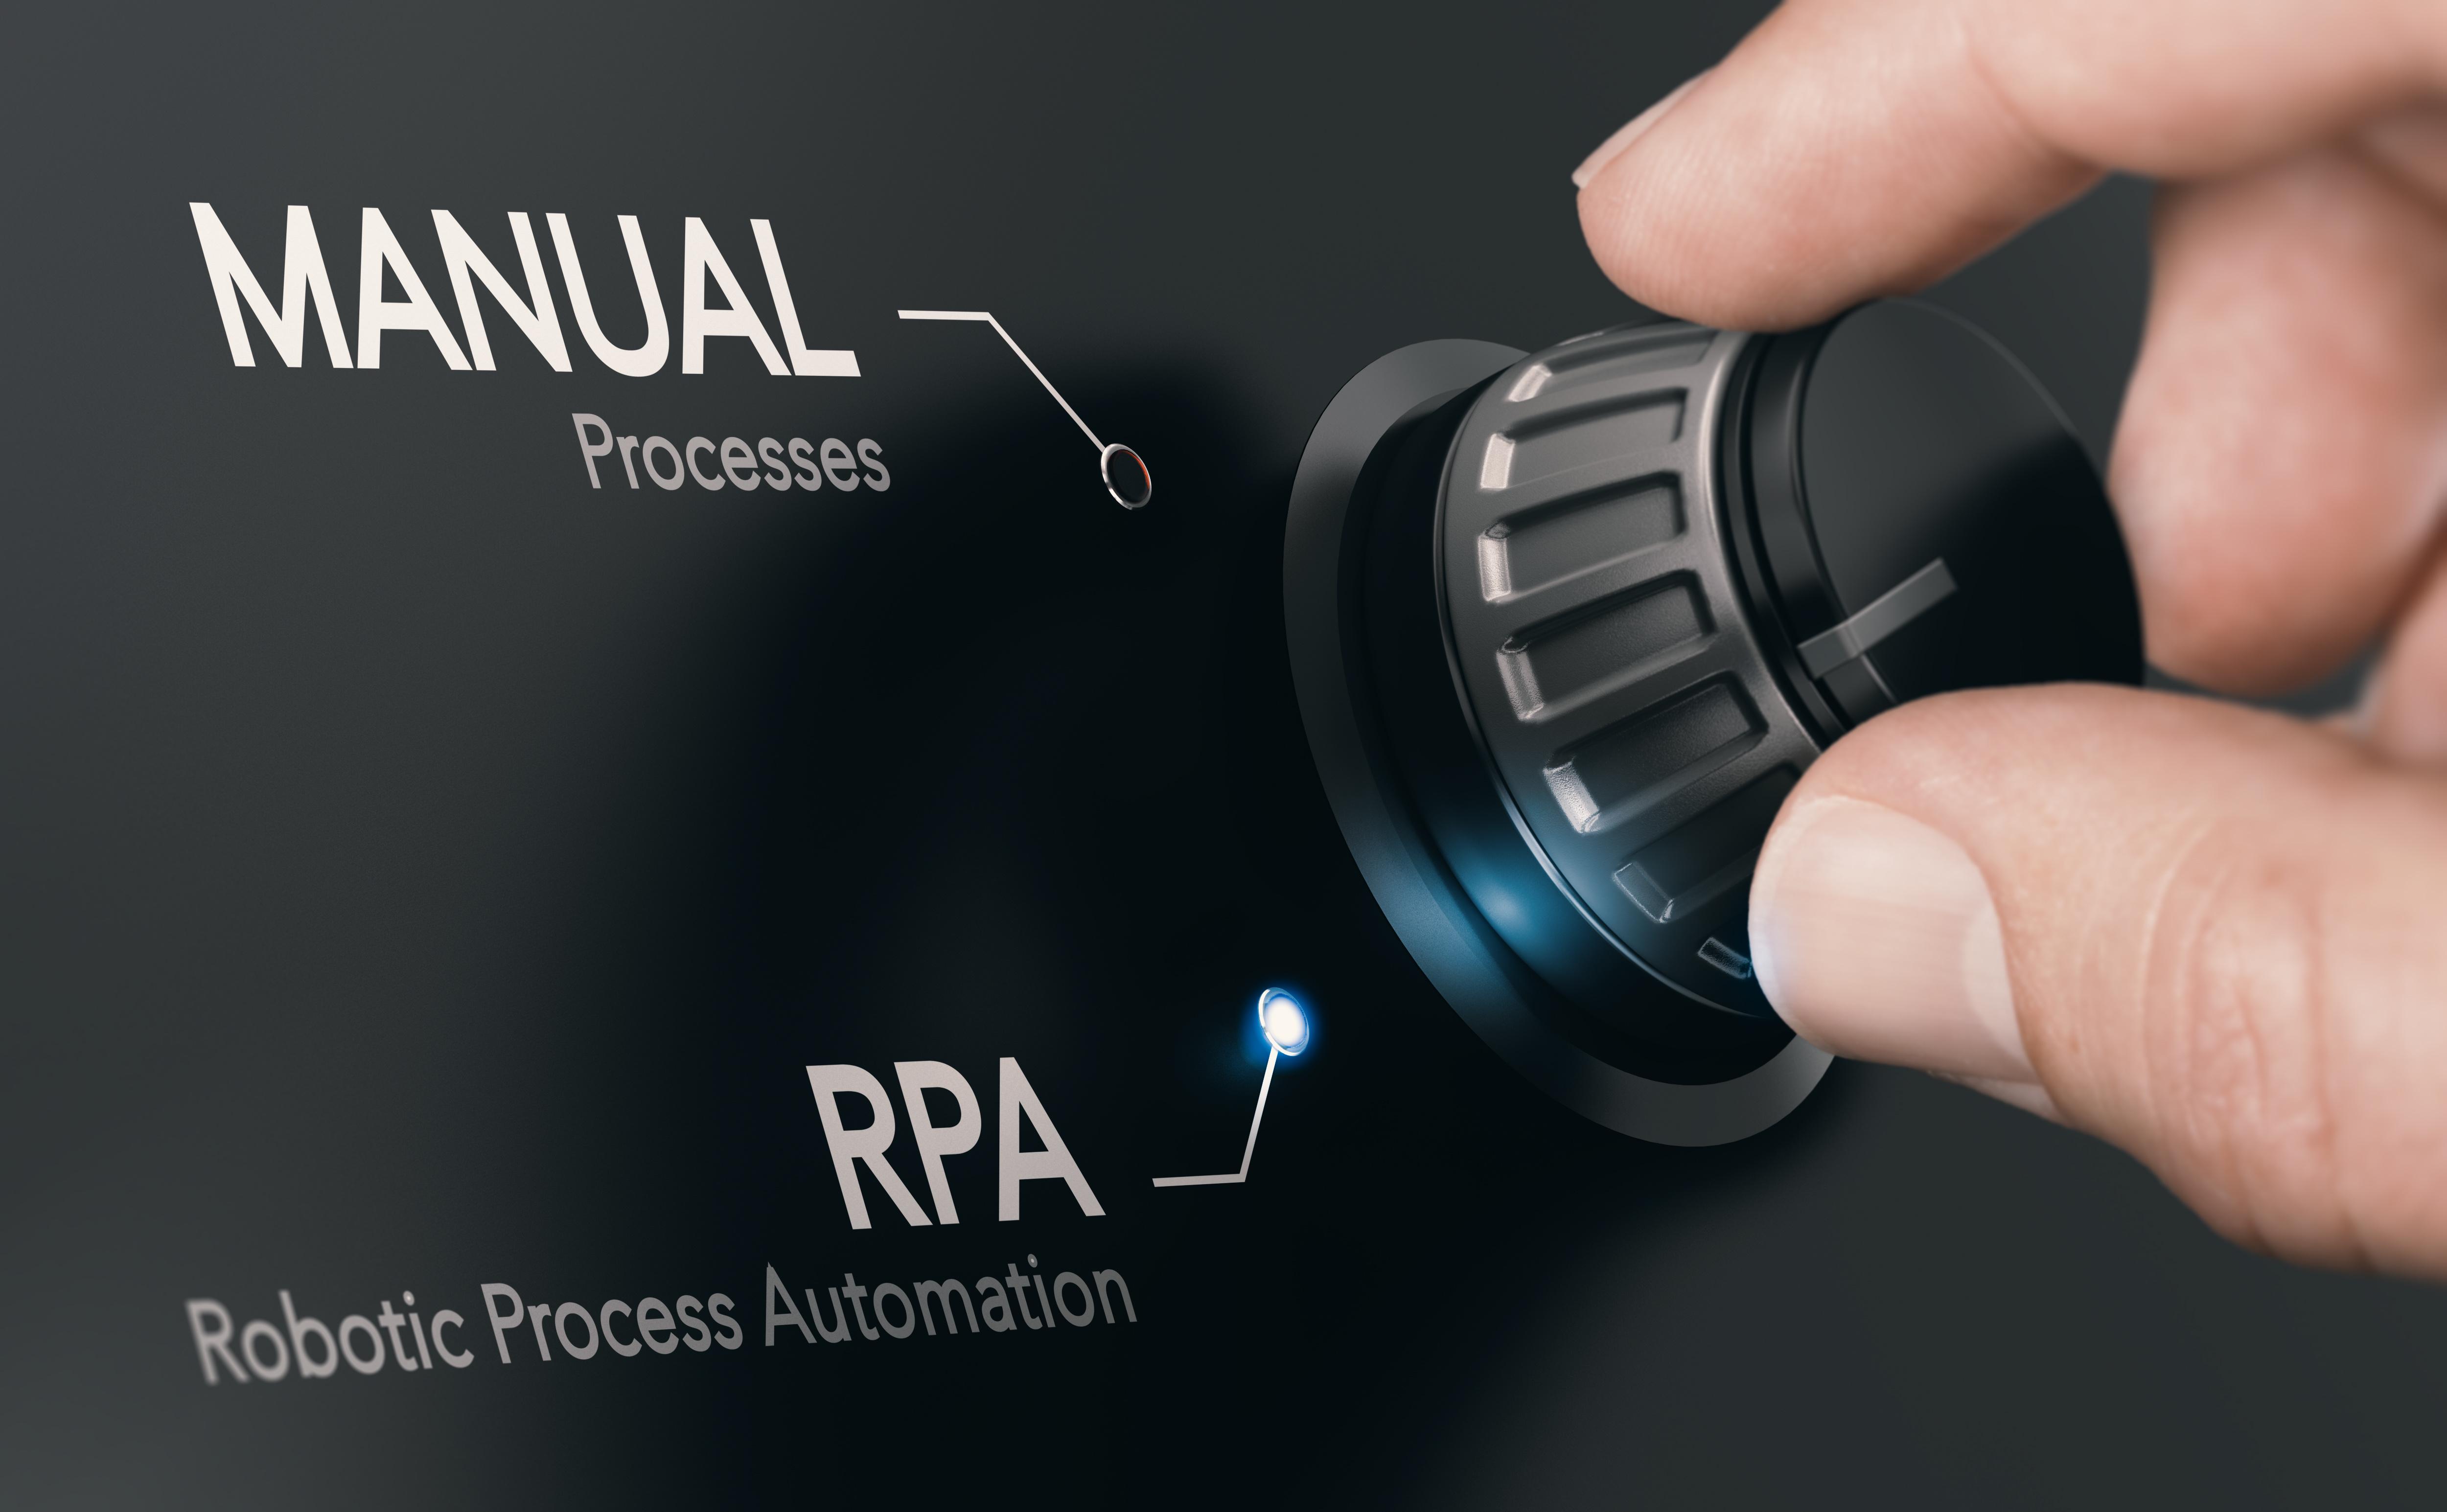 RPAを活用して業務改善を進めよう!